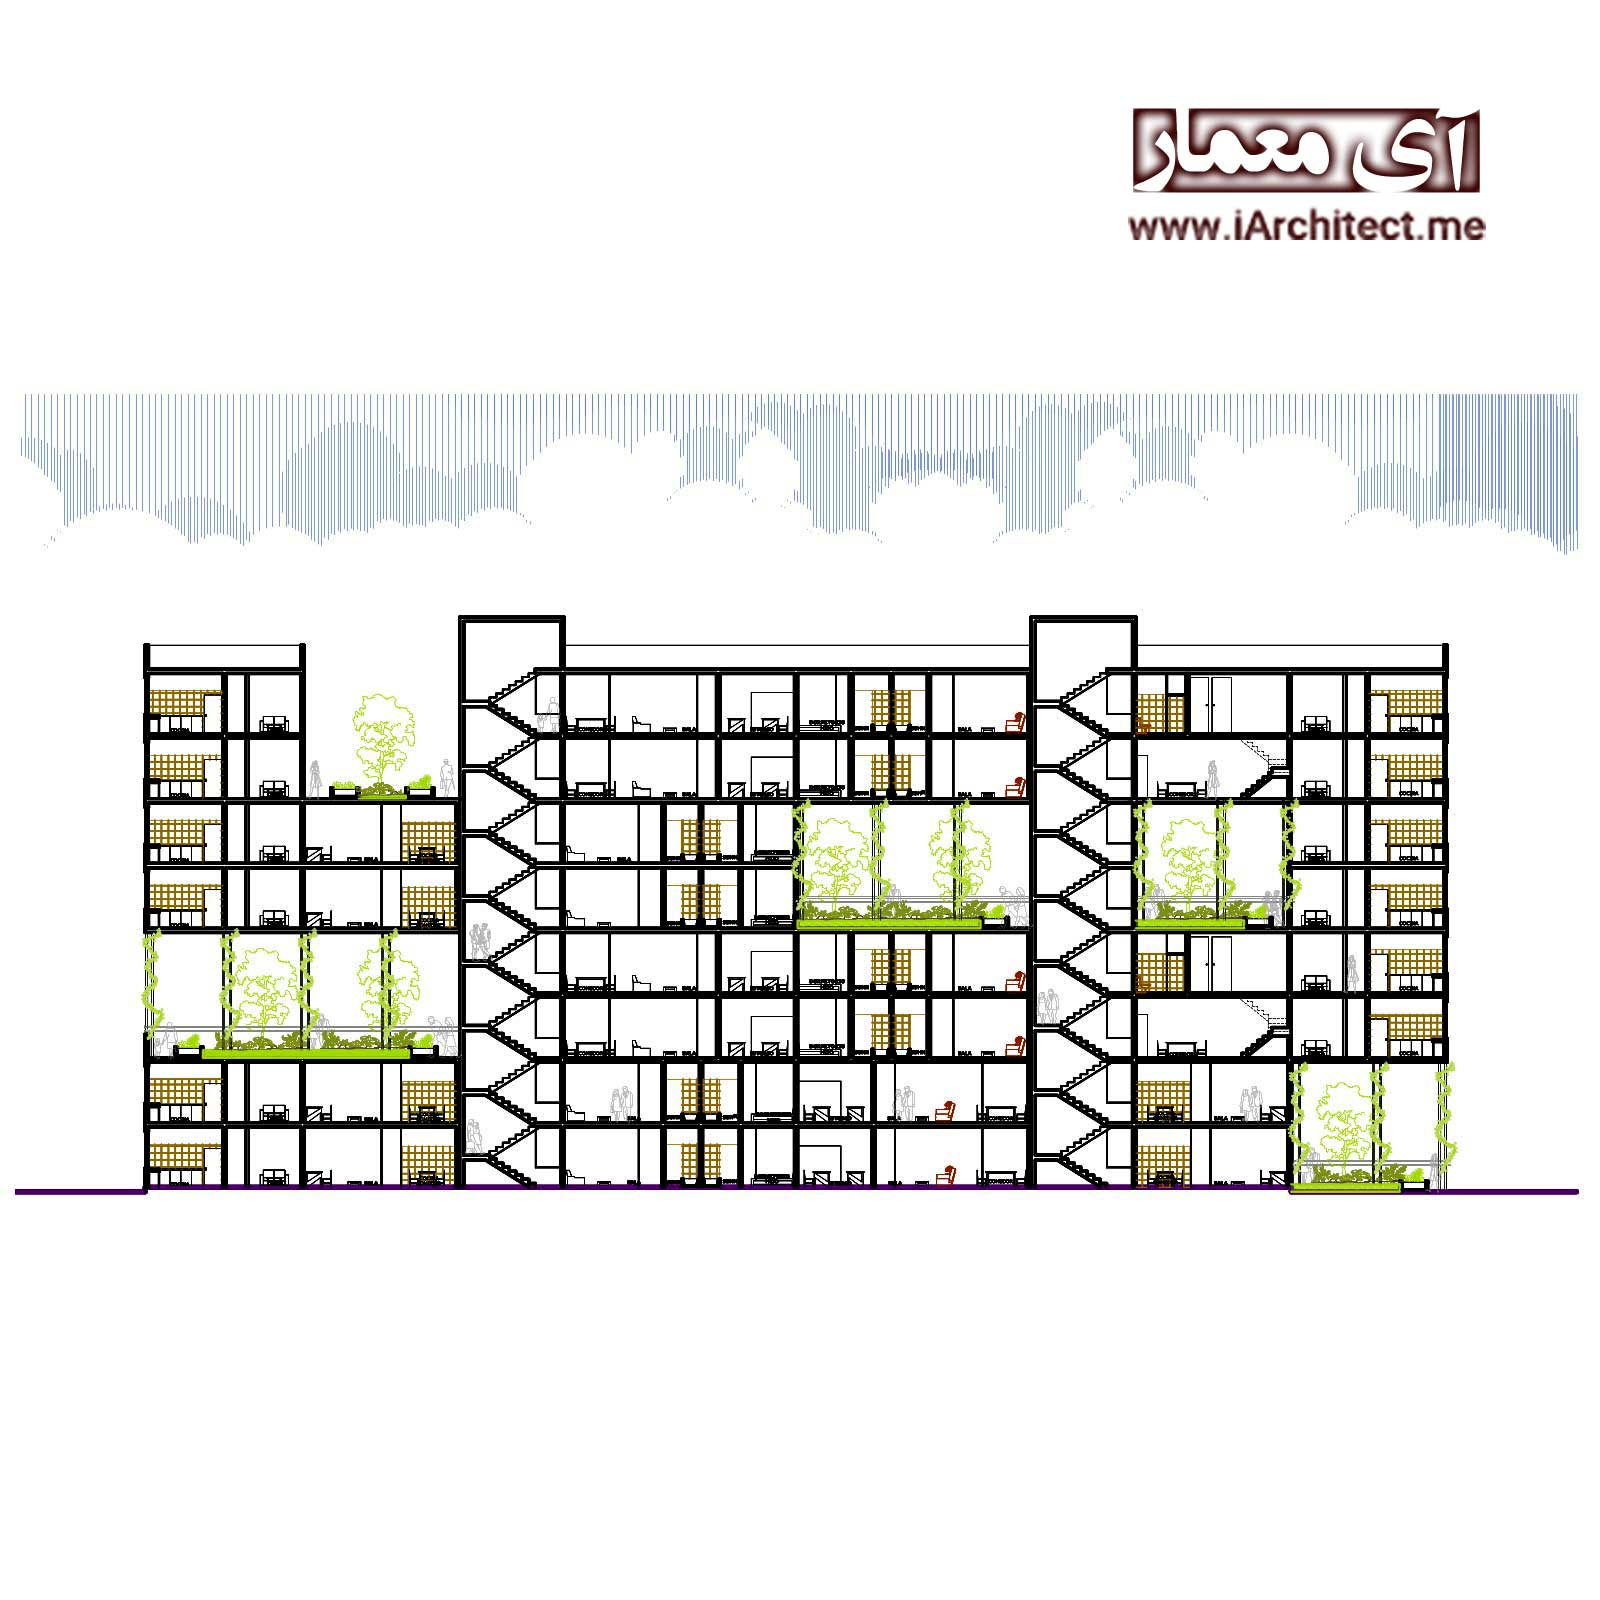 پکیج نقشه های مسکونی و برج